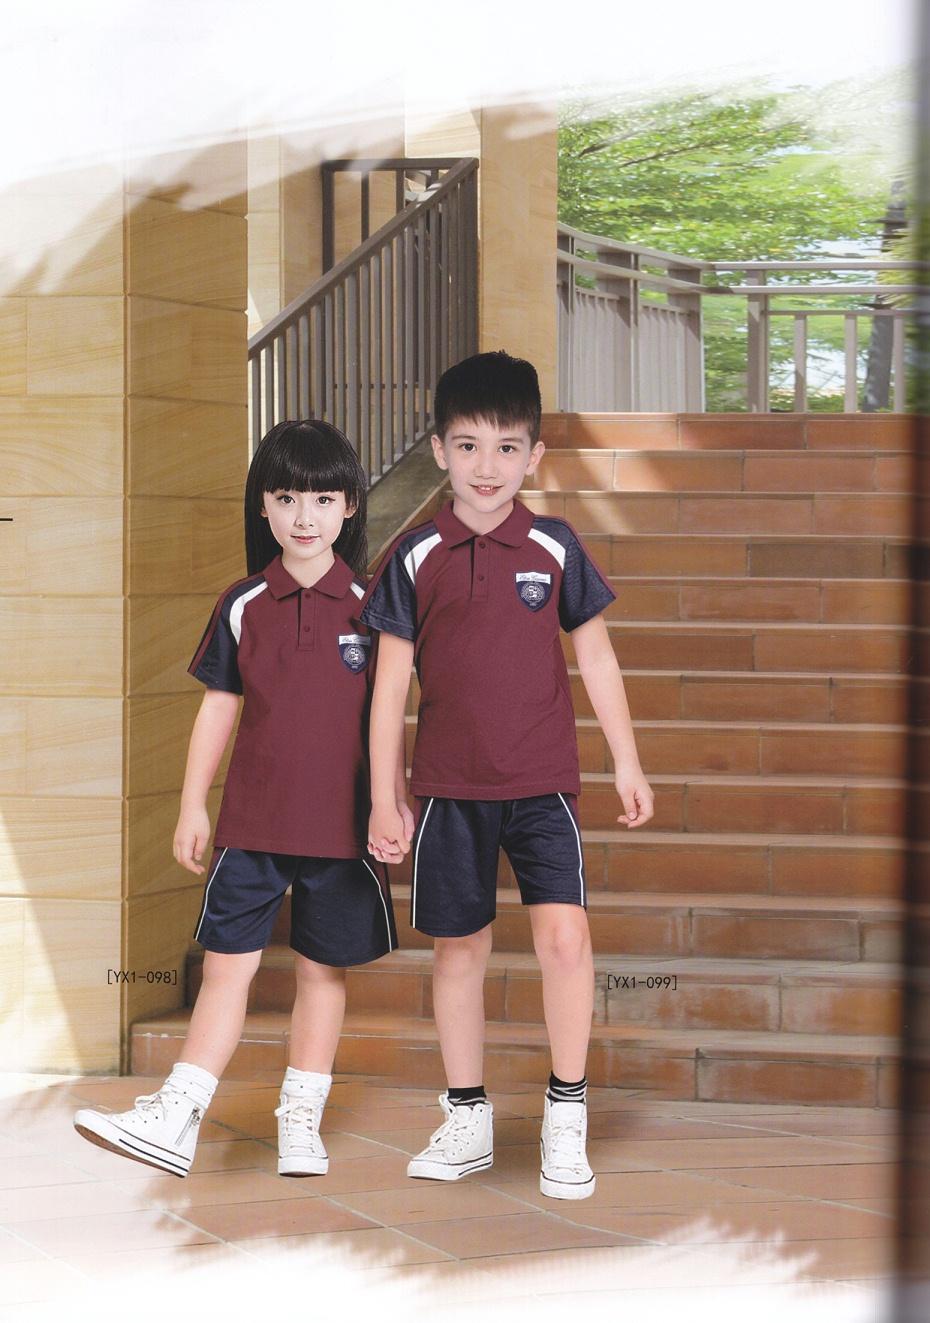 6款幼儿园夏天的校服